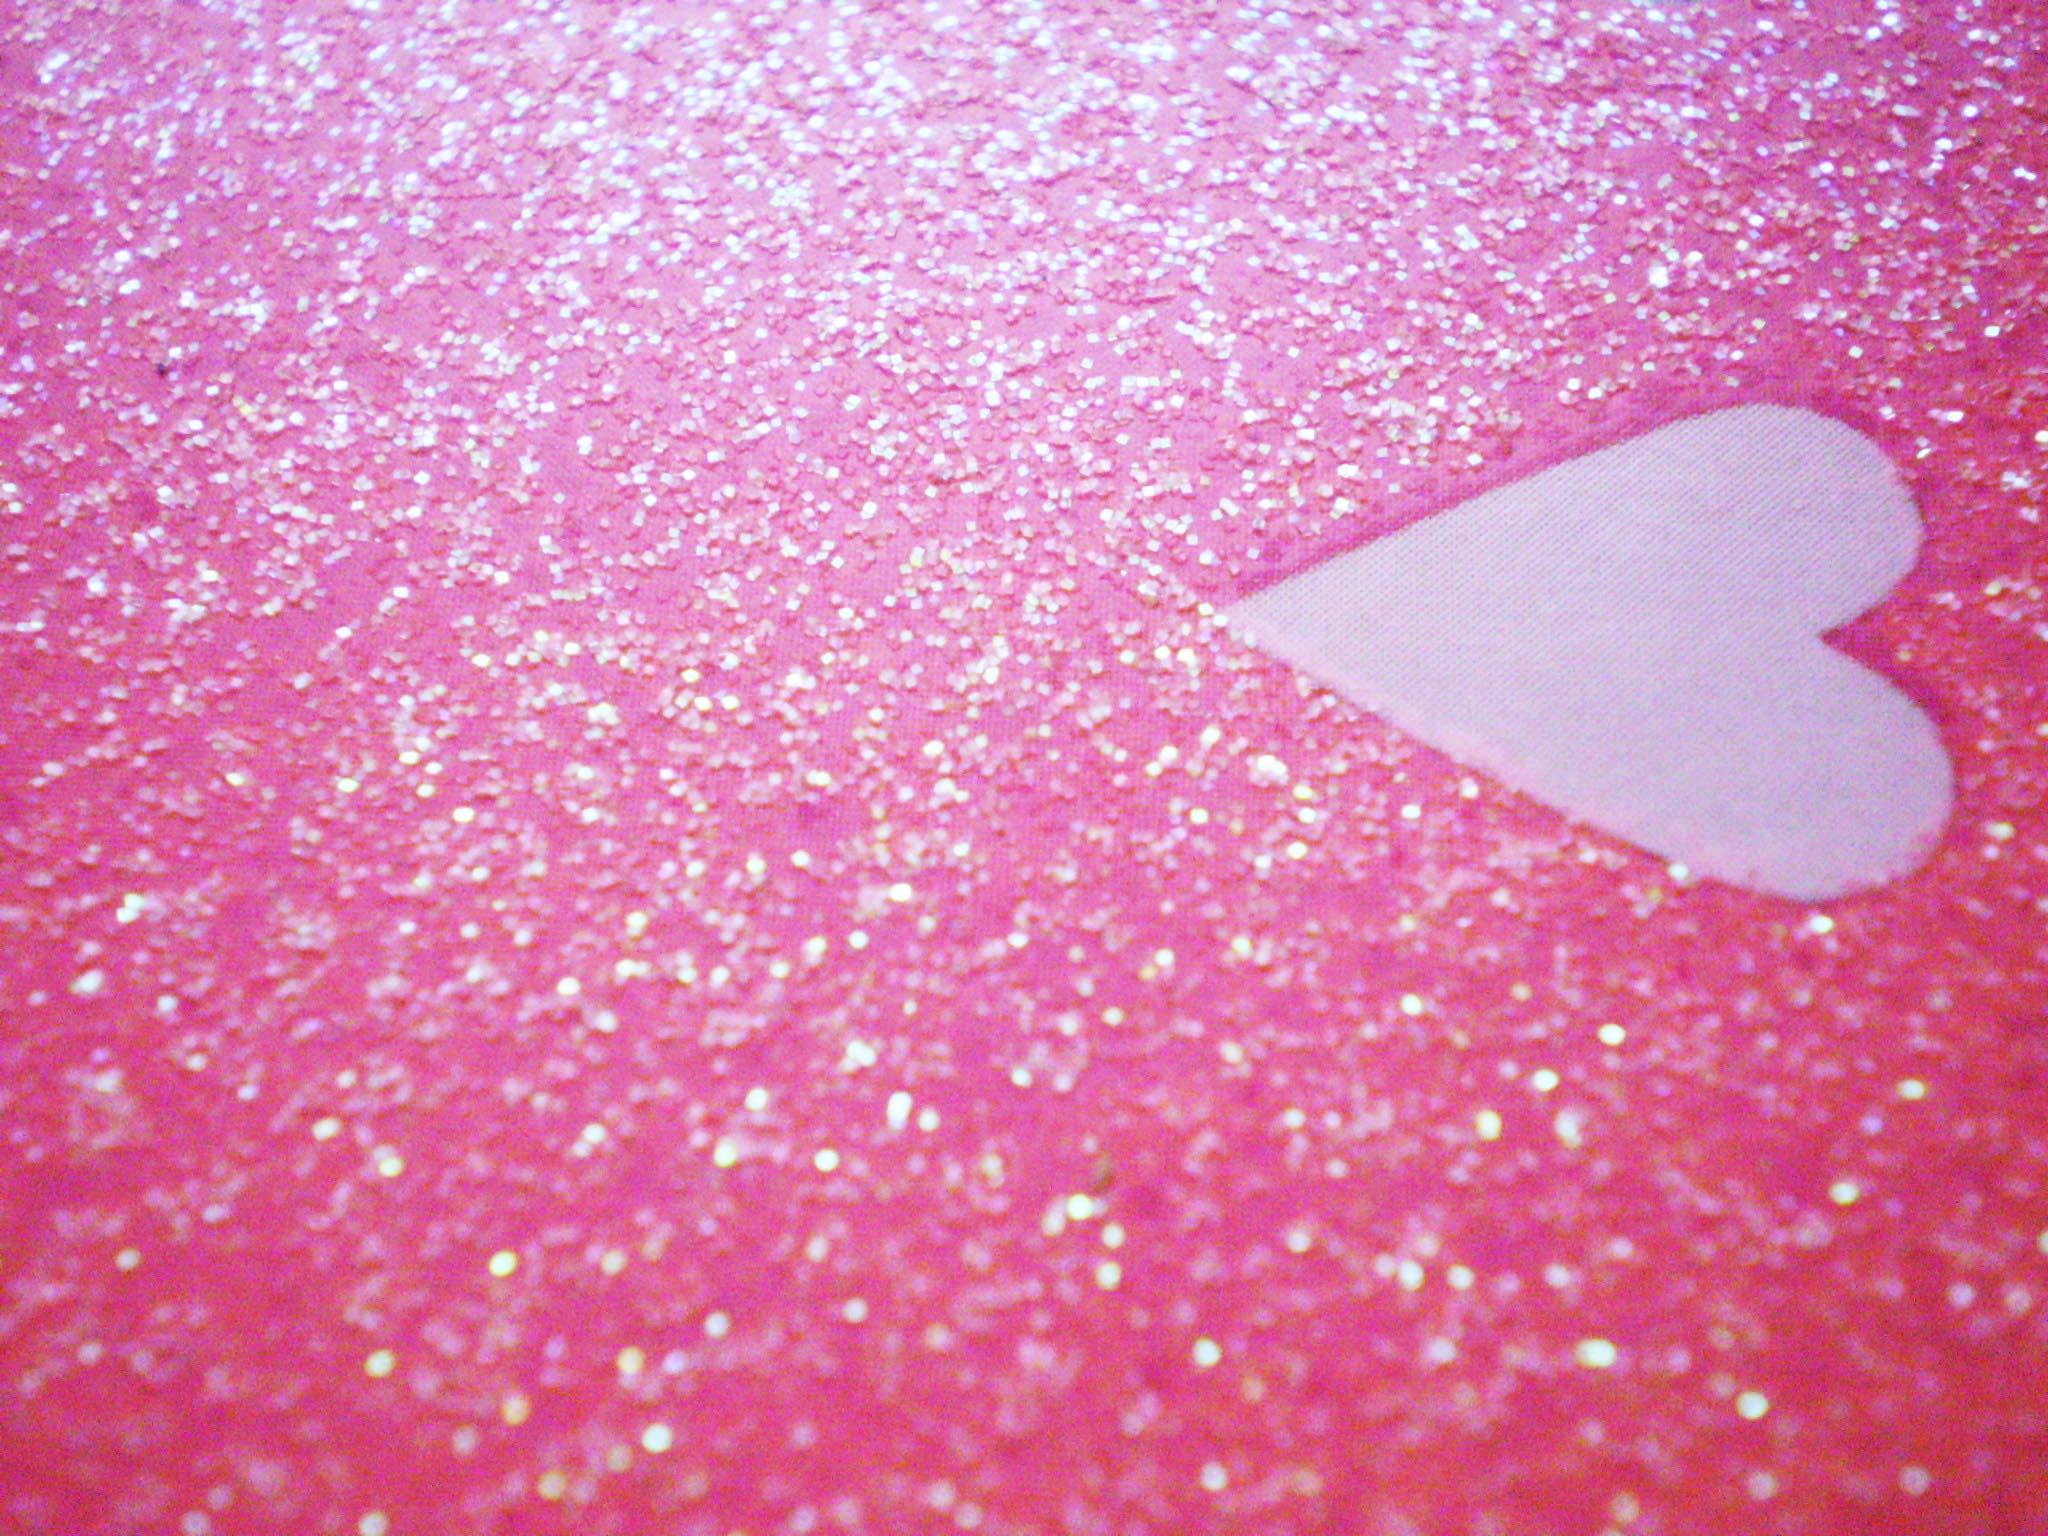 130588d1359526081 glitter heart glitter heart wallpaper photo 1024x768 2048x1536